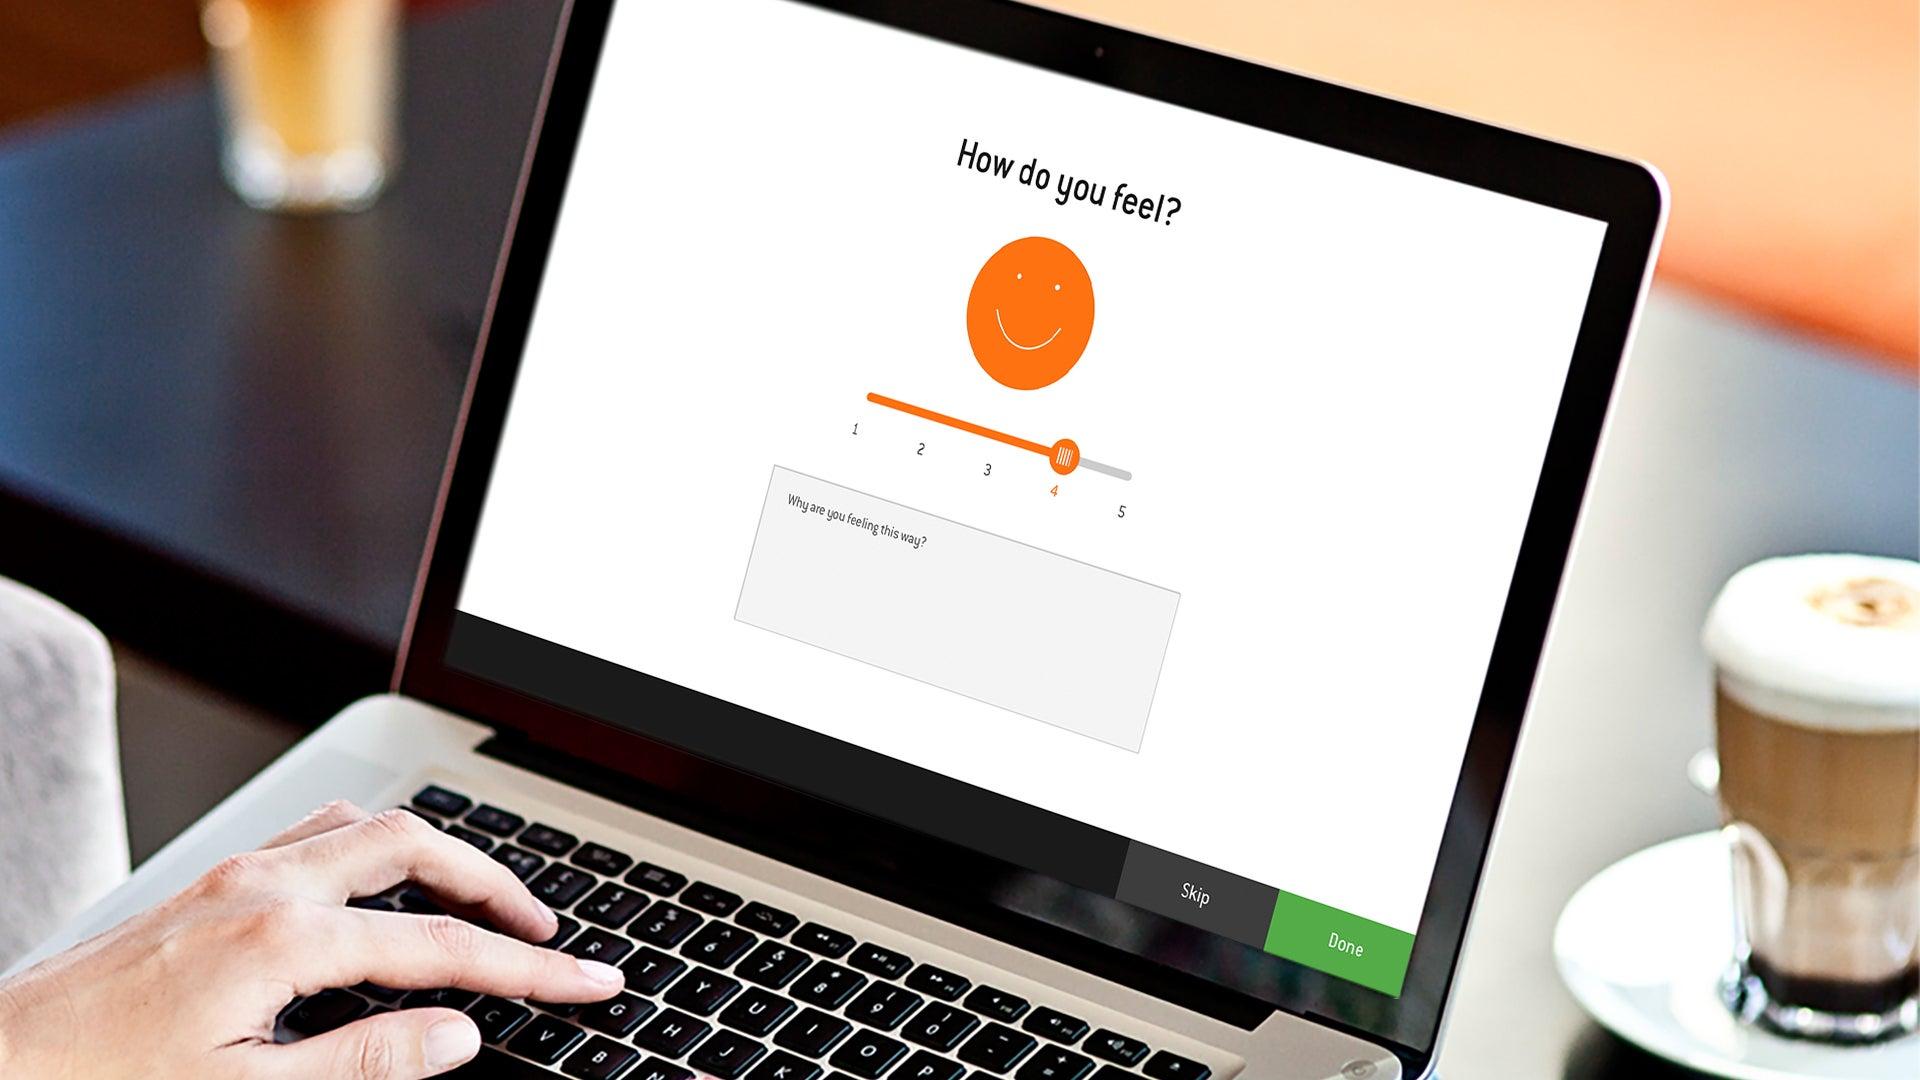 Diaverum app - How do you feel? screen